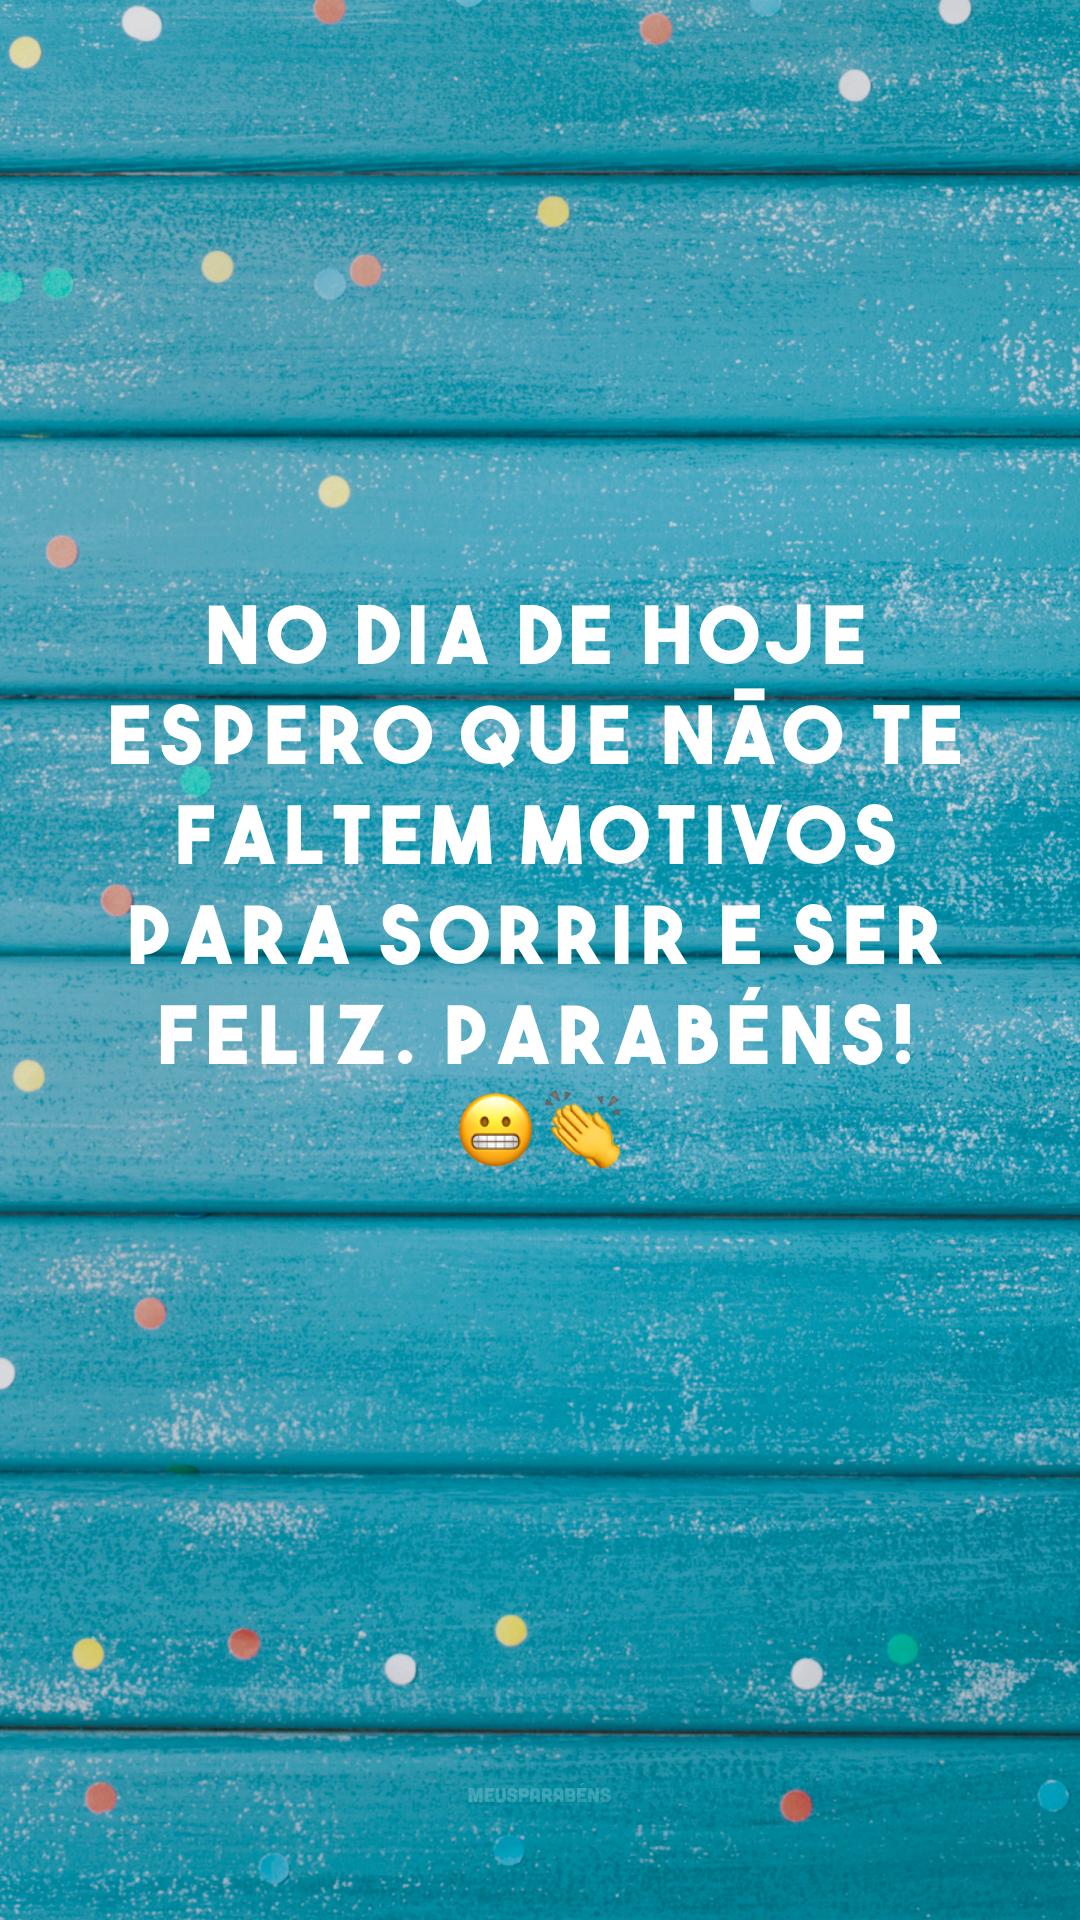 No dia de hoje espero que não te faltem motivos para sorrir e ser feliz. Parabéns! 😬👏